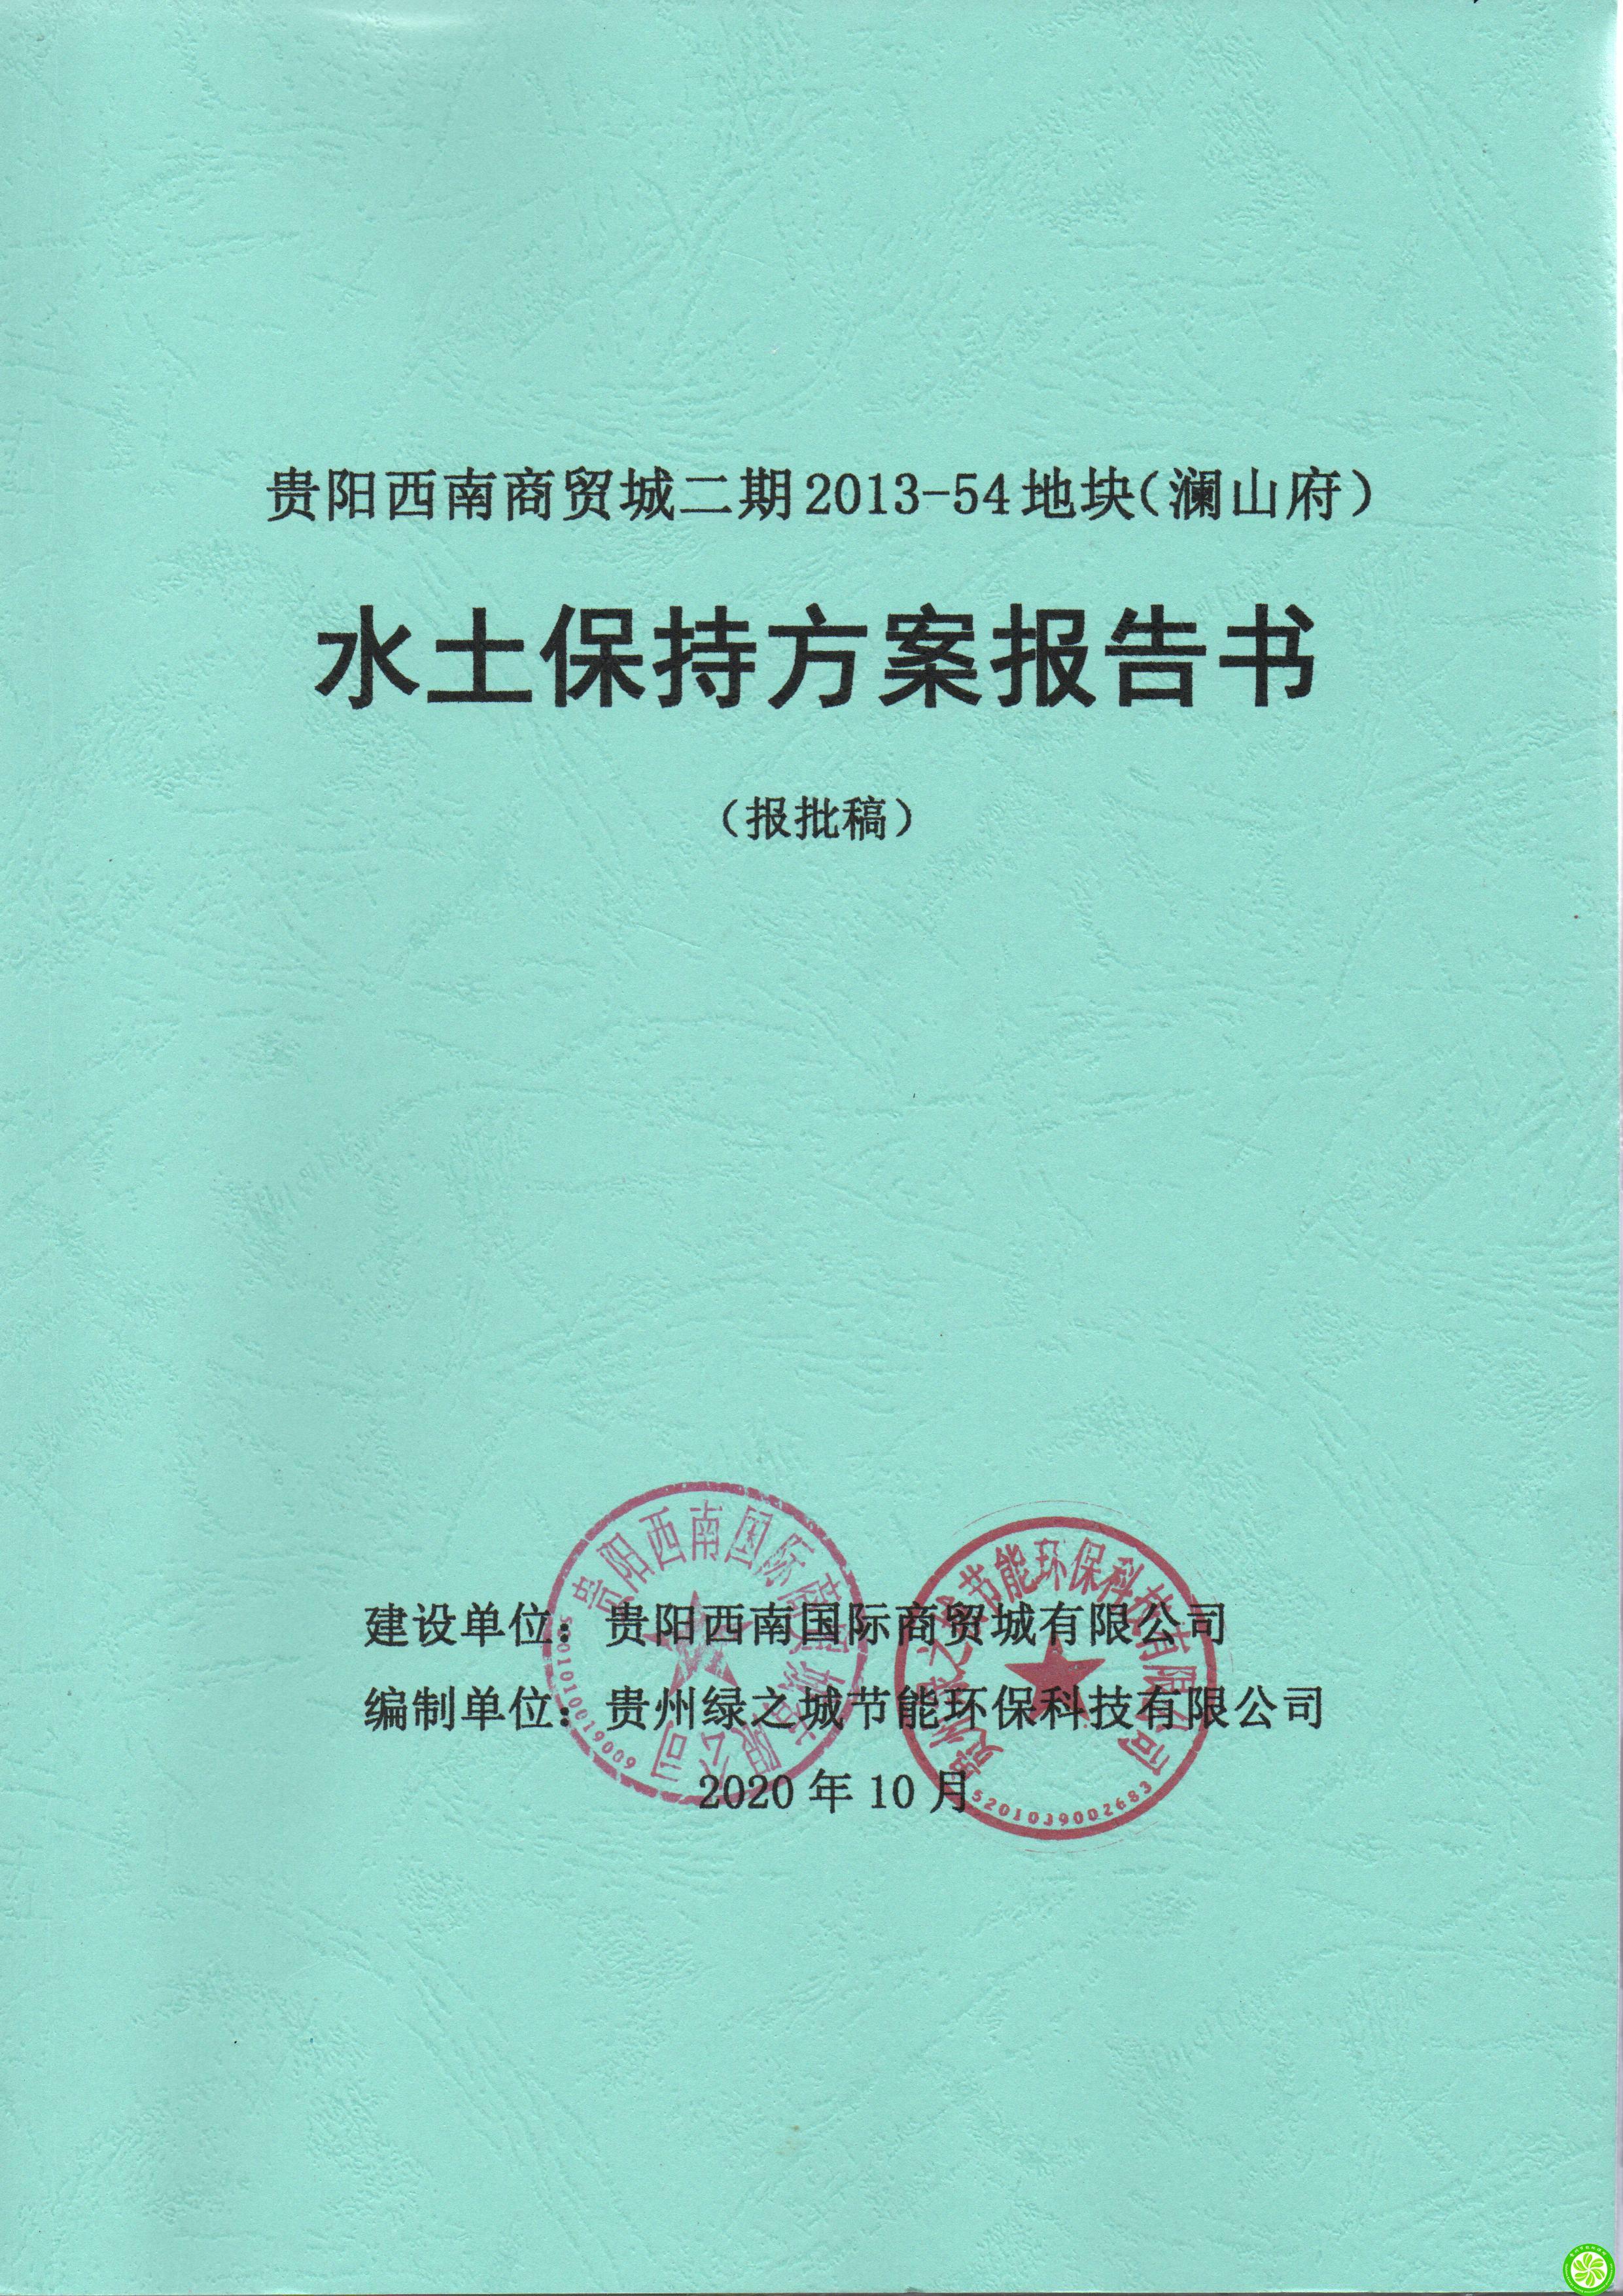 贵阳西南商贸城二期2013-54地块(澜山府) 水土保持方案报告书